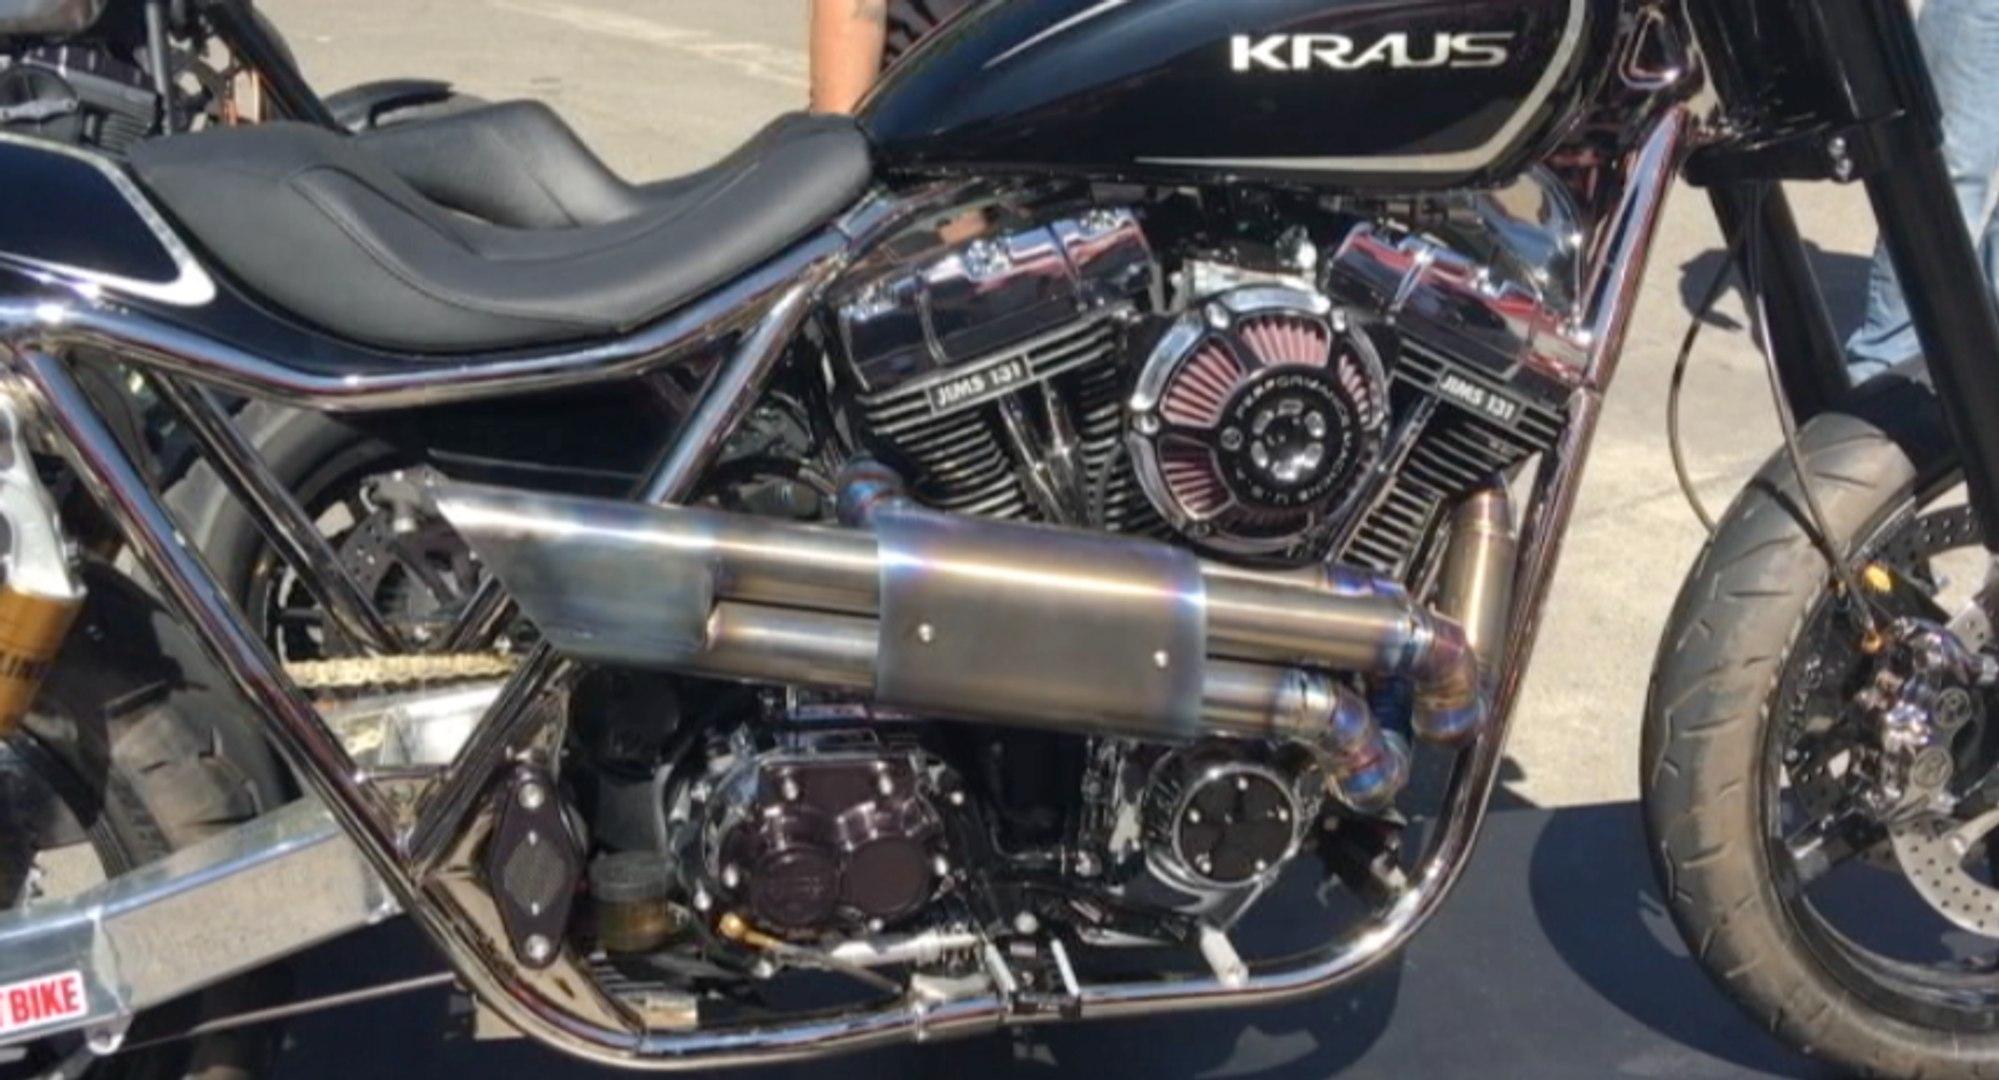 The Hot Bike / Kraus Motor Co  FXR-R Part 1